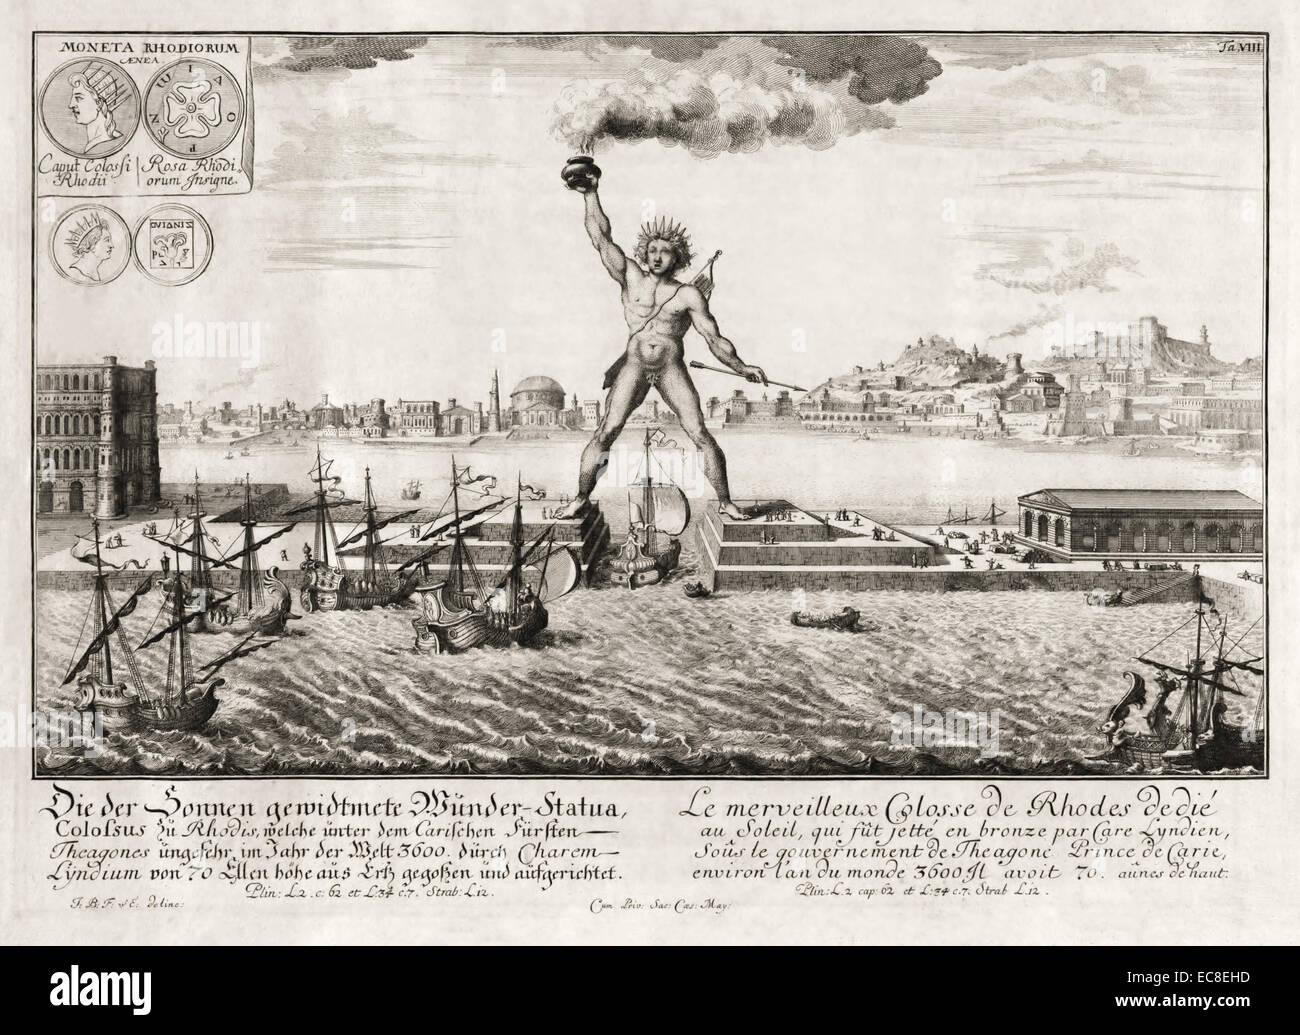 Koloss von Rhodos, eines der sieben Weltwunder der Antike. Siehe Beschreibung für mehr Informationen. Stockbild